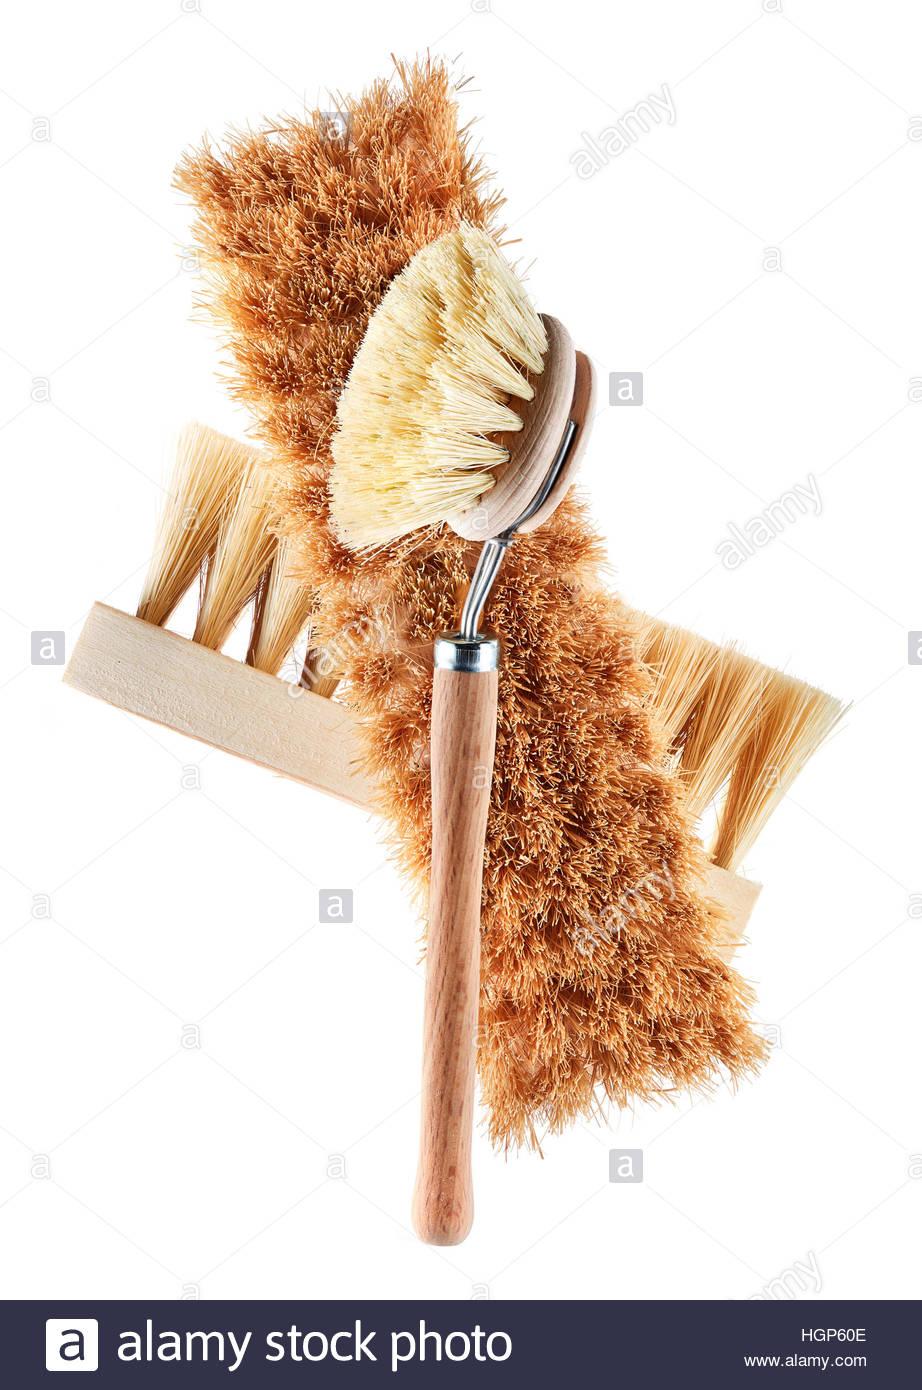 Haus Reinigung, Frühjahrsputz, Gruppe der Hand scrub Bürsten oder Handfeger Reinigungsgeräte auf Stockbild